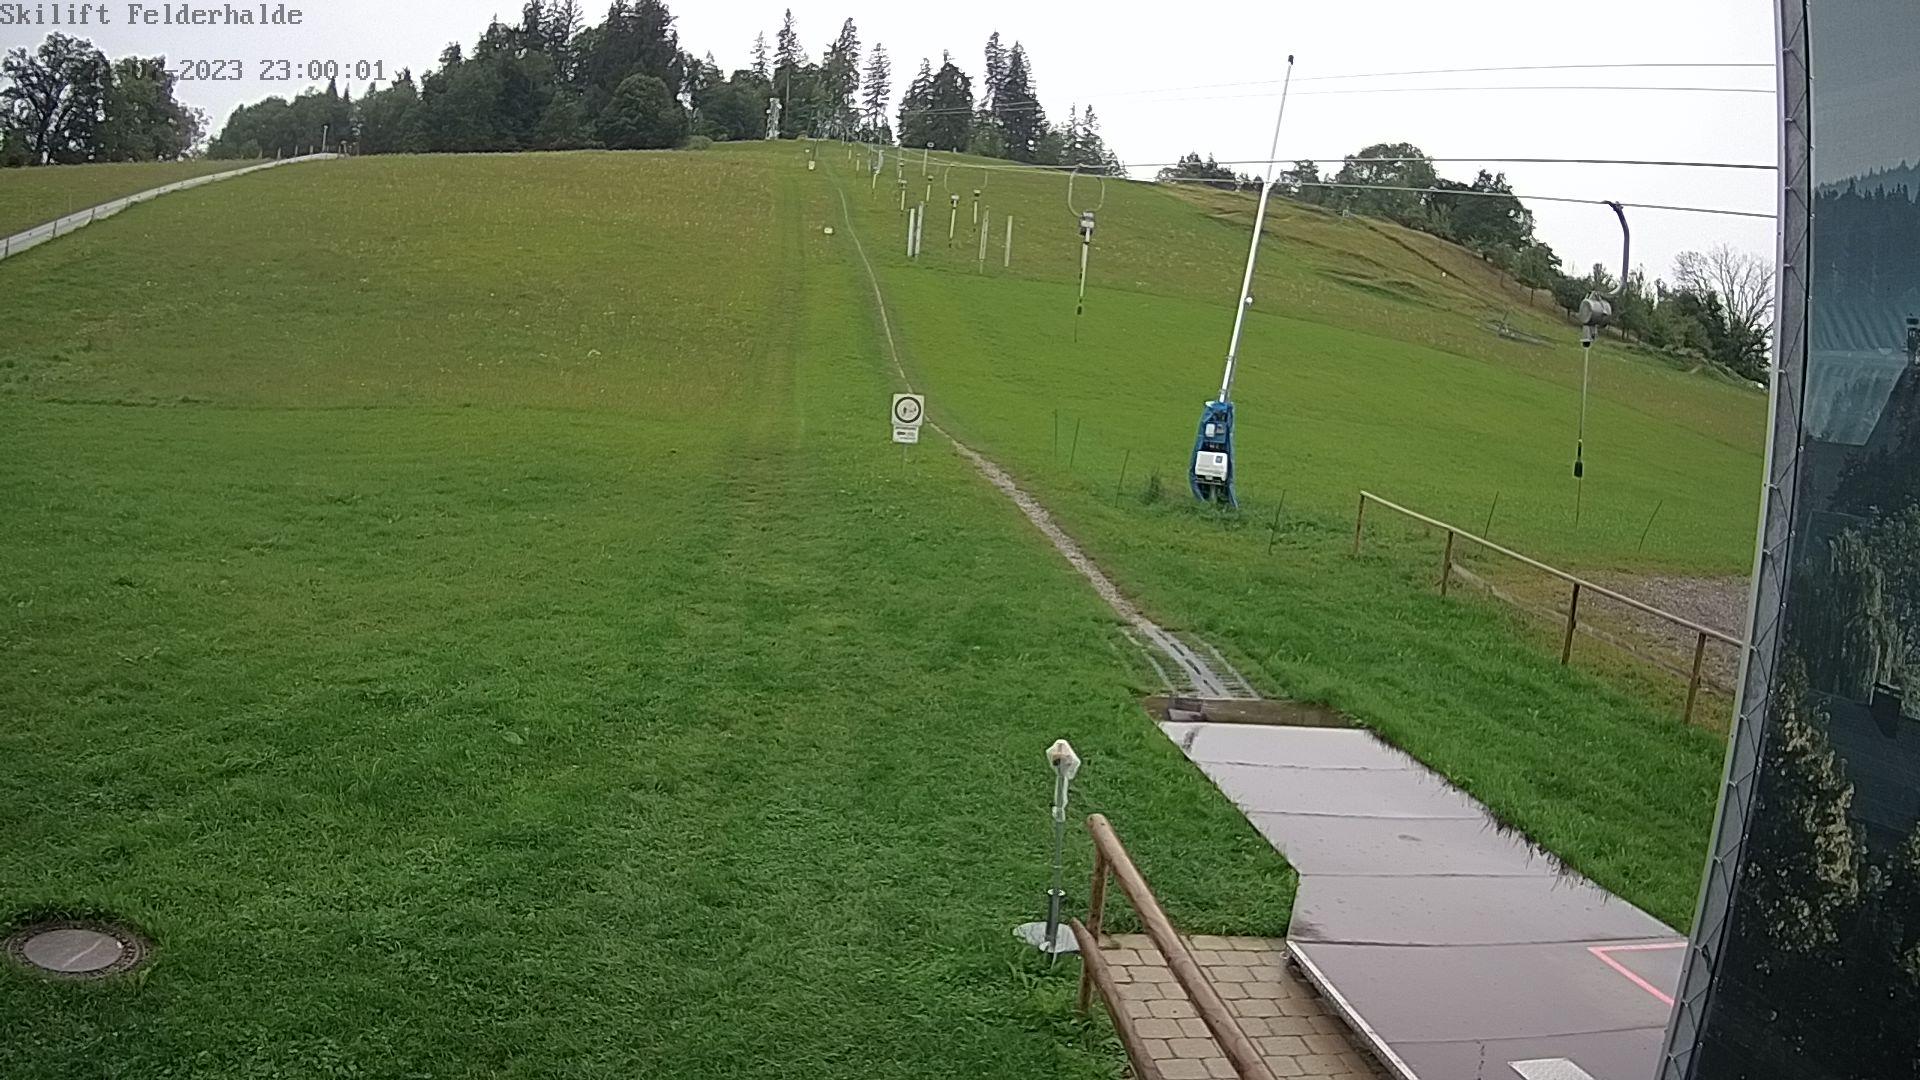 Isny, Skilift / Deutschland